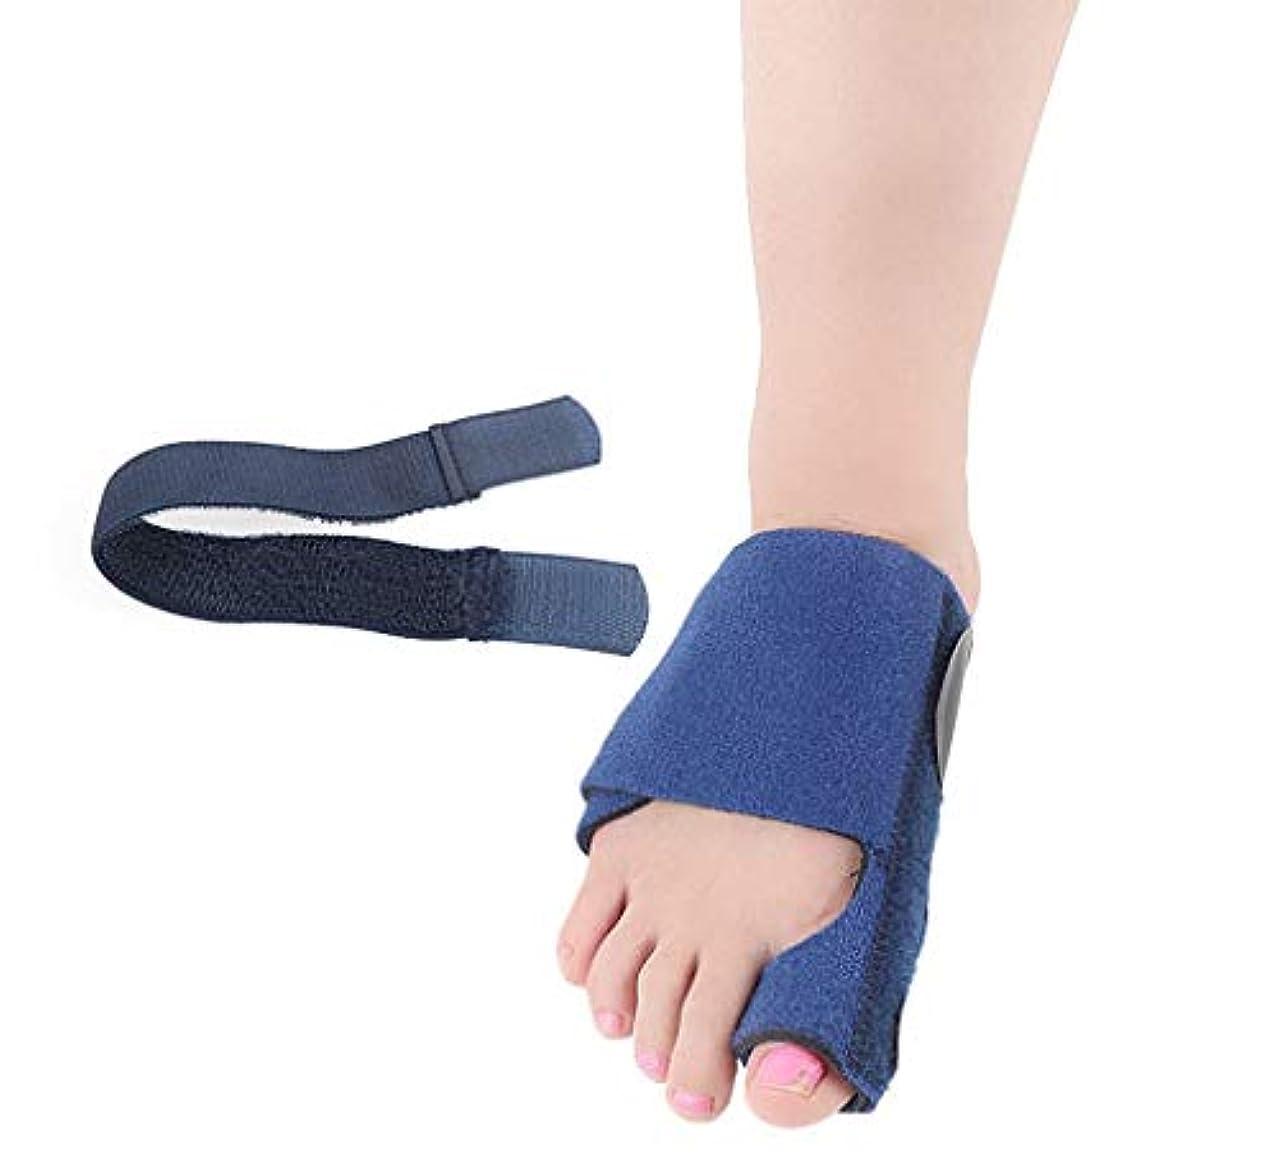 拾うコショウ仕出しますバニオンコレクター  - 整形外科用足首矯正ビッグトゥストレートナー - 外反母趾パッド用副木ブレース、関節痛の緩和、アライメント治療 - 整形外科用スリーブフットラップ